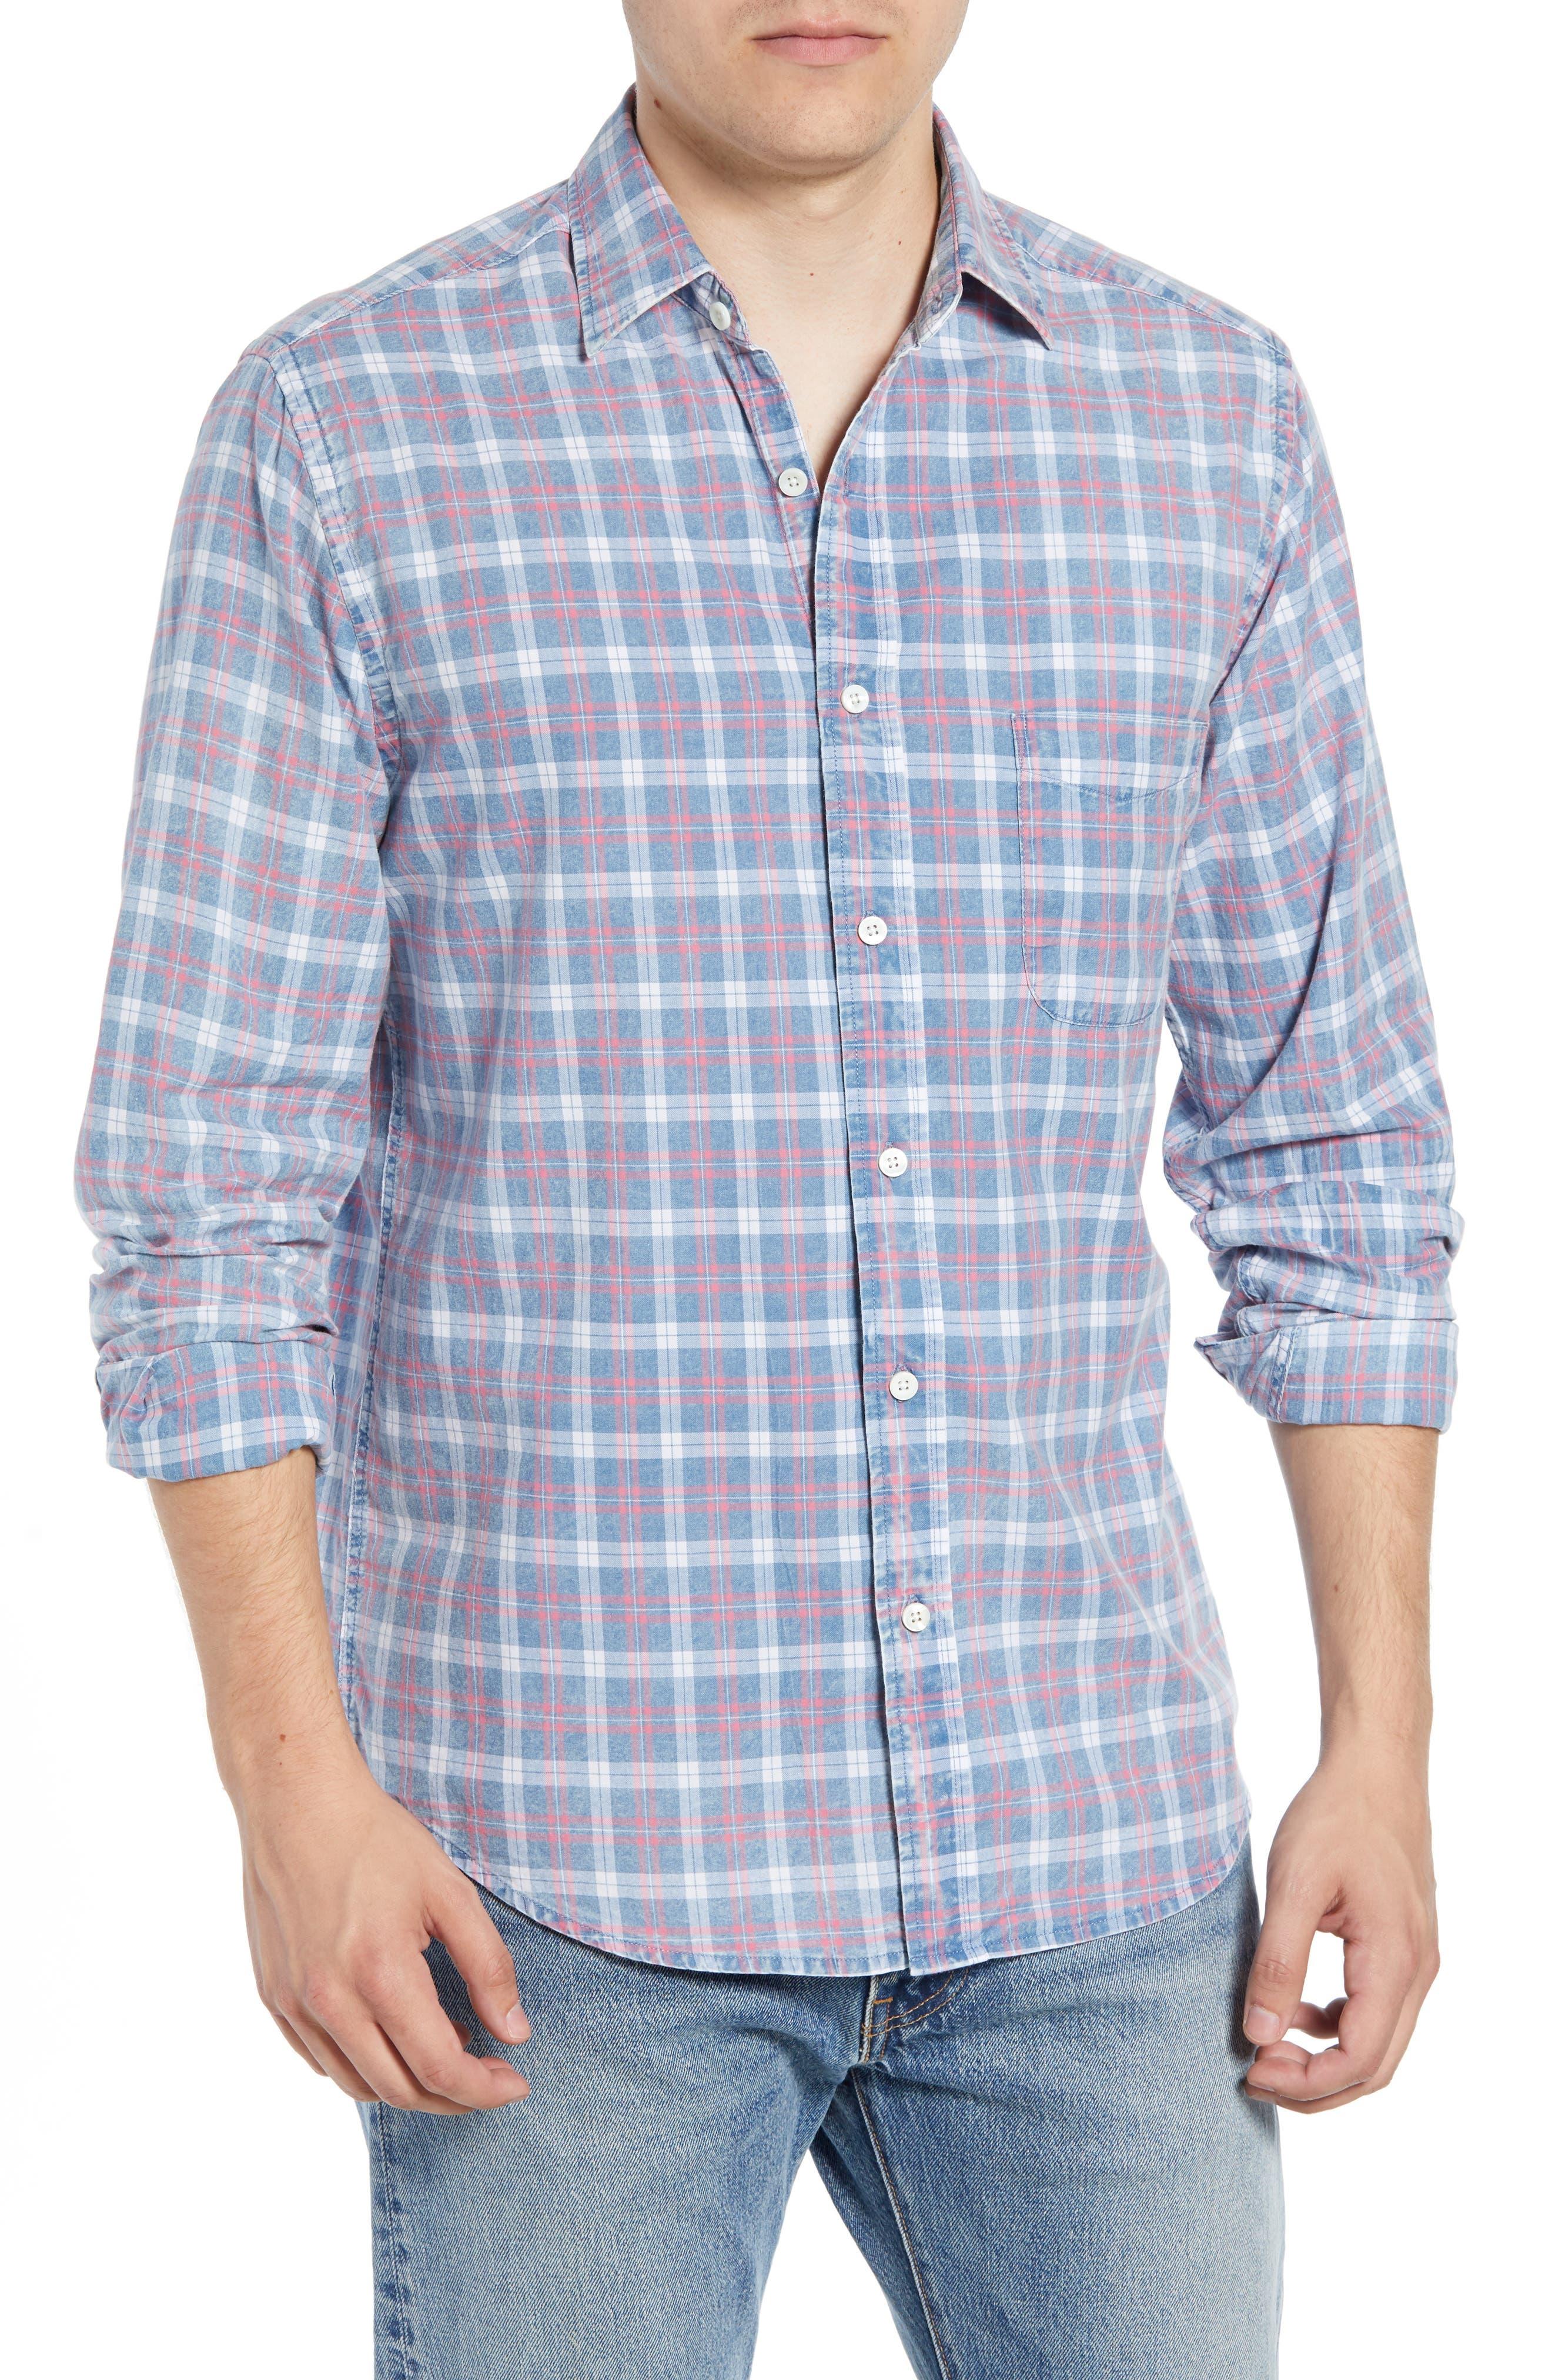 Ventura Check Sport Shirt,                             Main thumbnail 1, color,                             421